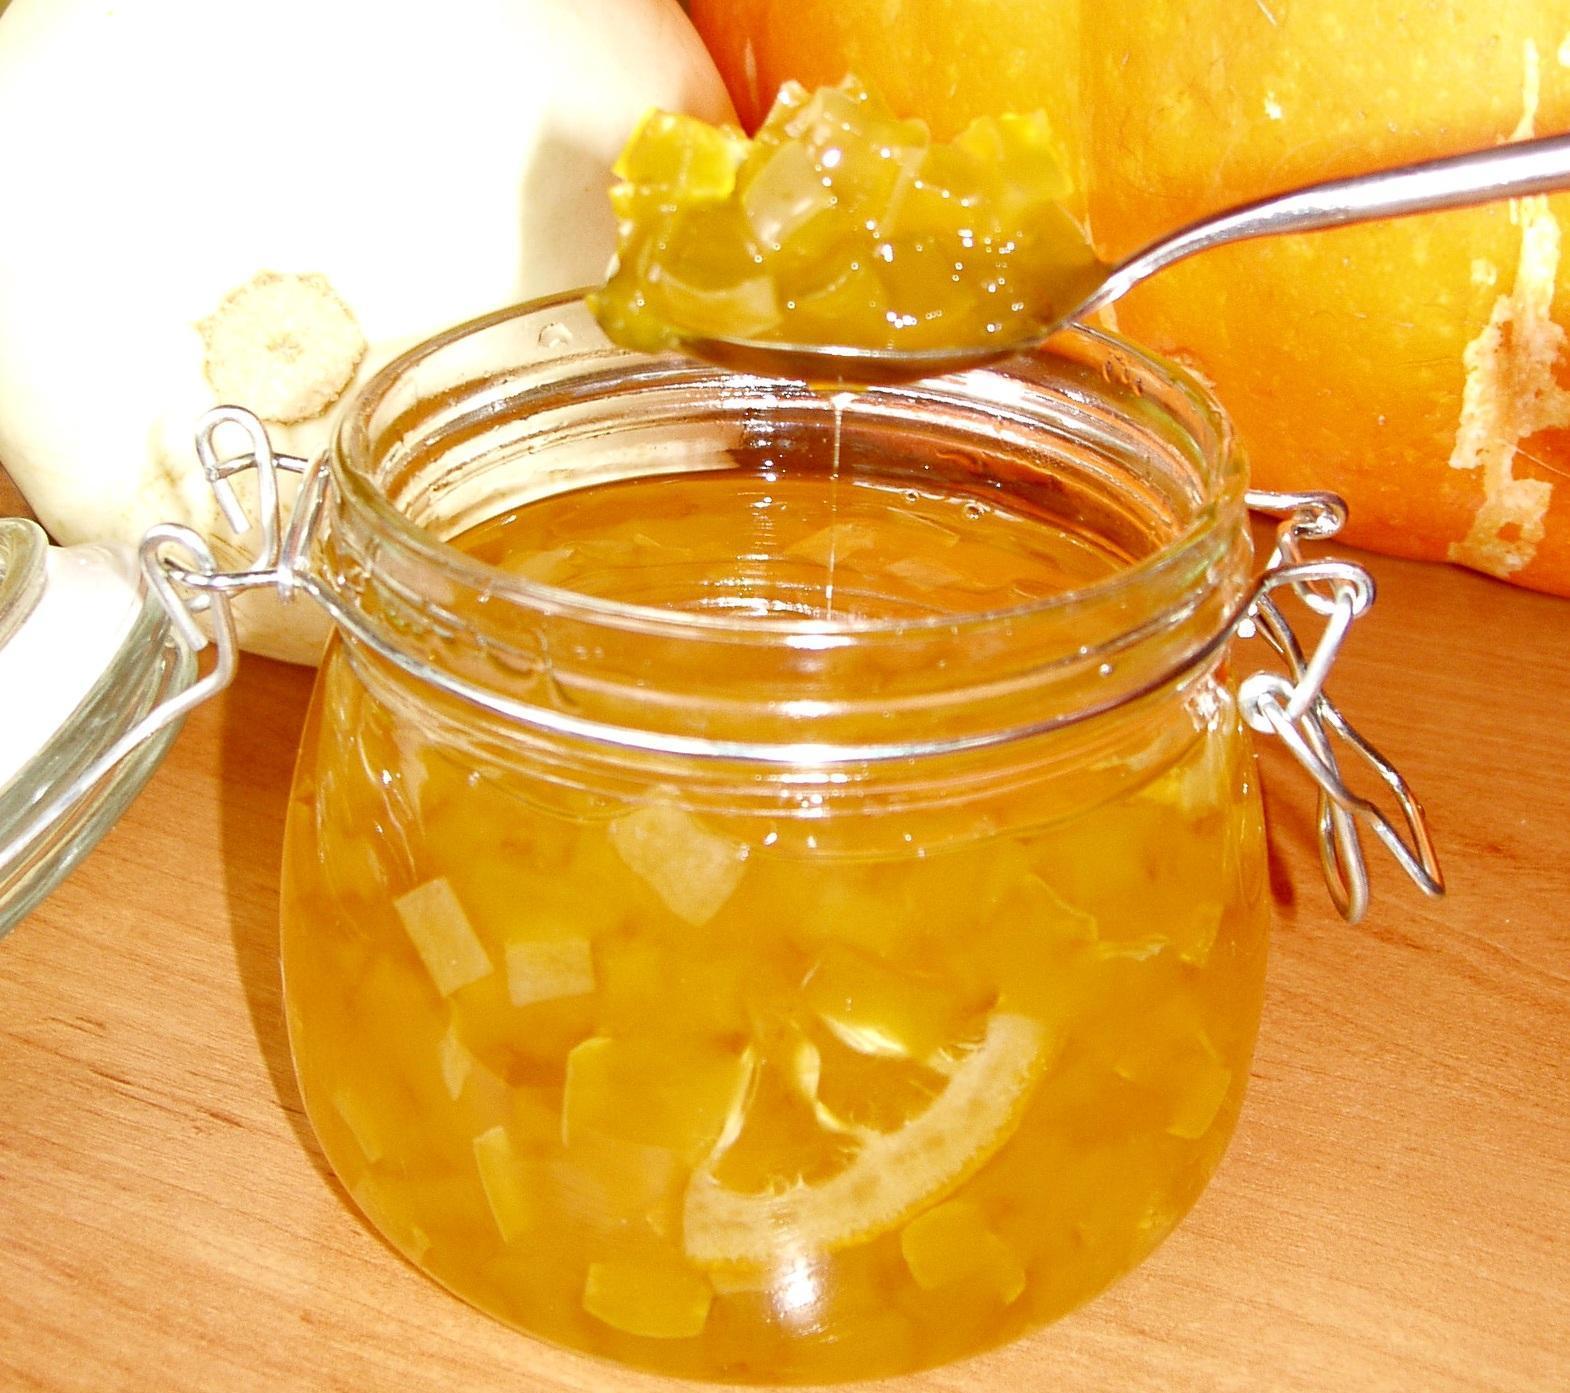 Рецепт варенья из кабачков с апельсином и лимоном с пошагово